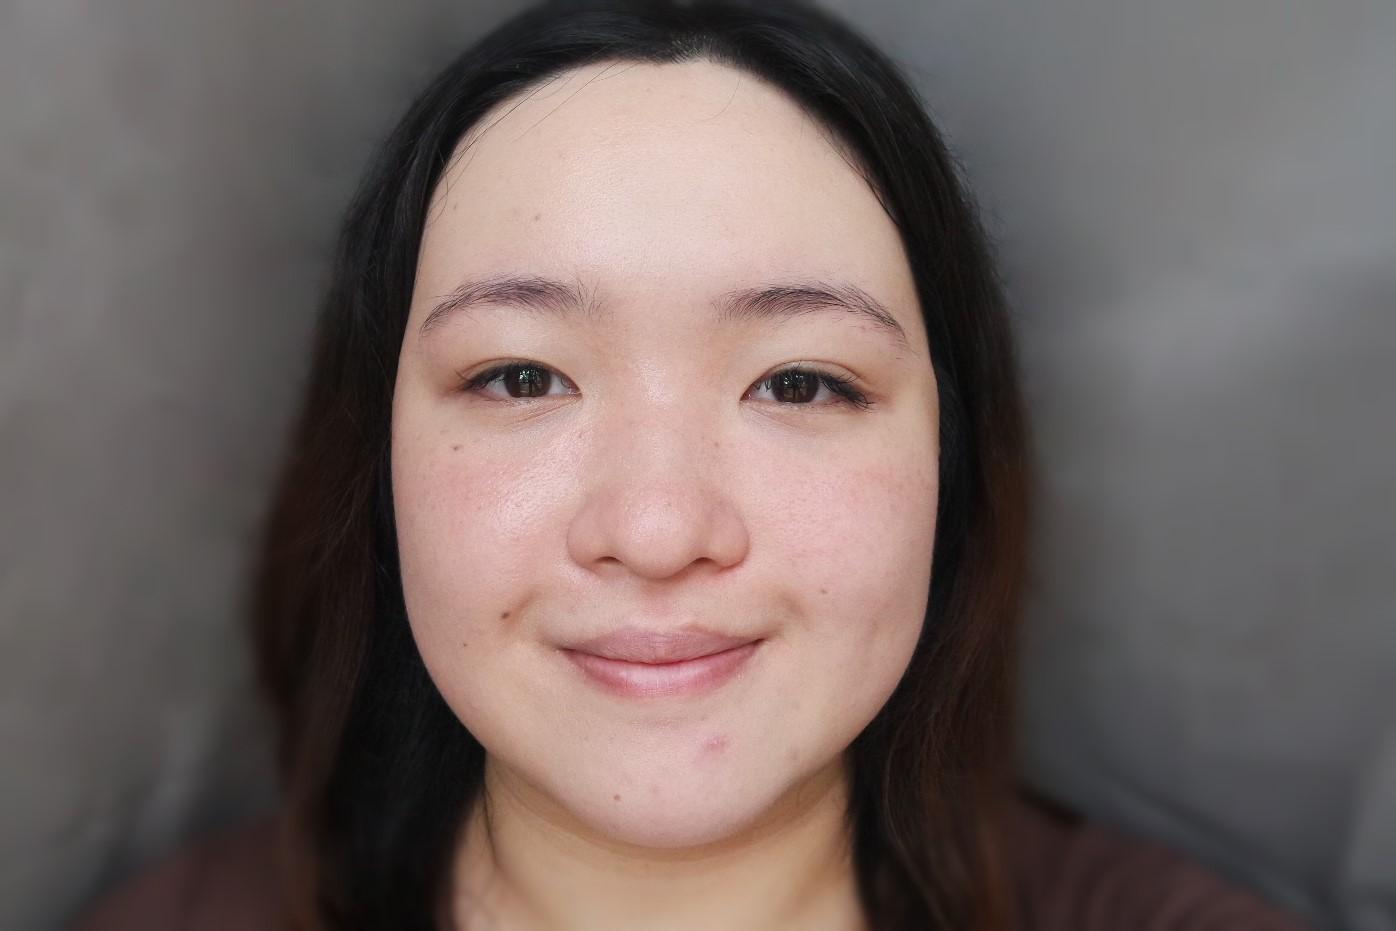 Cathy_Doll_Face.jpg